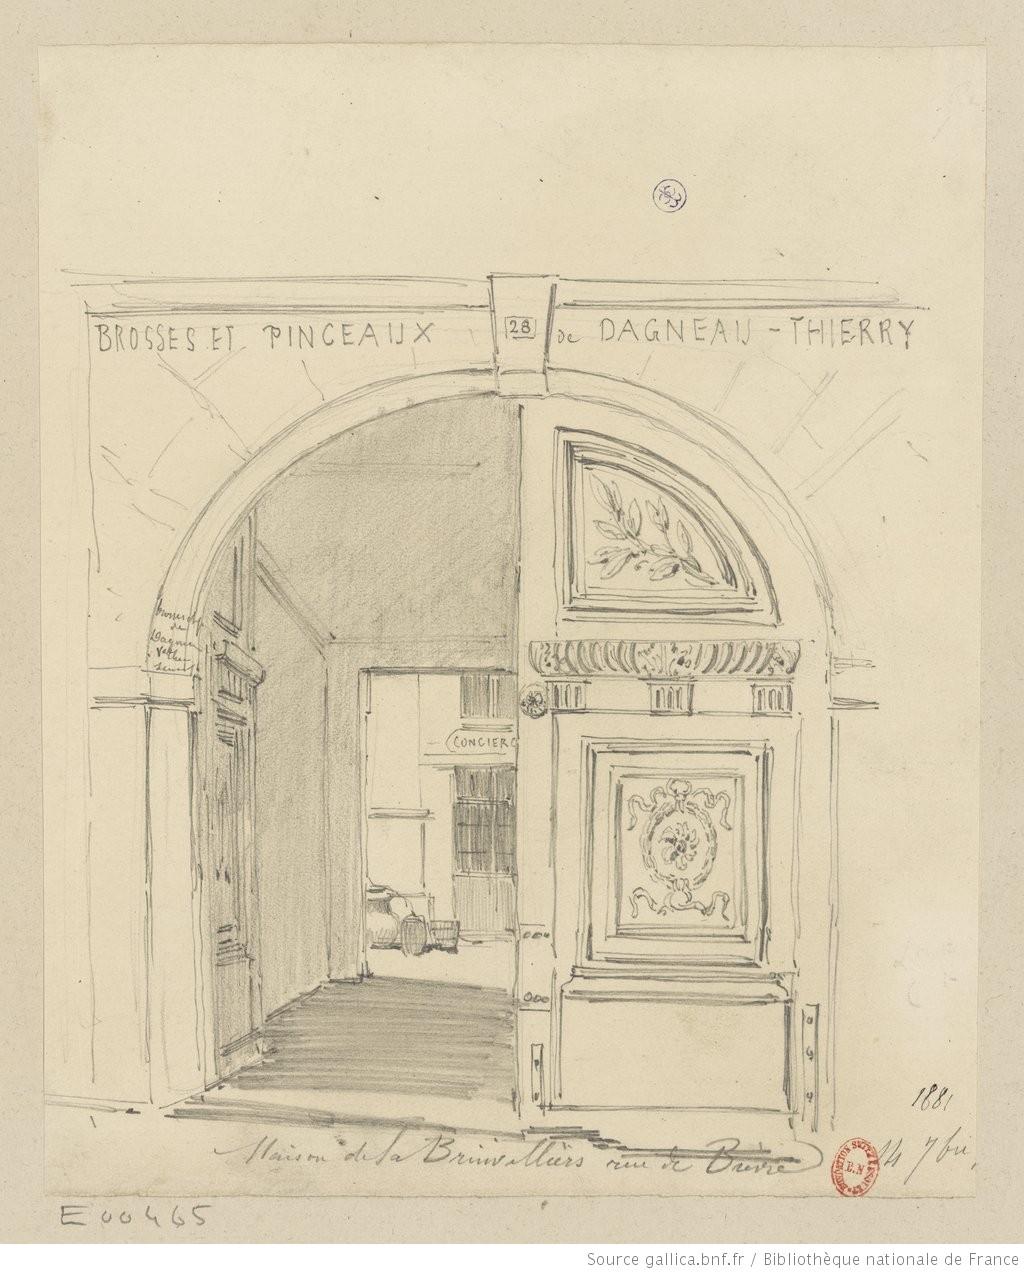 Maison de la Brinvilliers rue de Bièvre, by Jules-Adolphe Chauvet